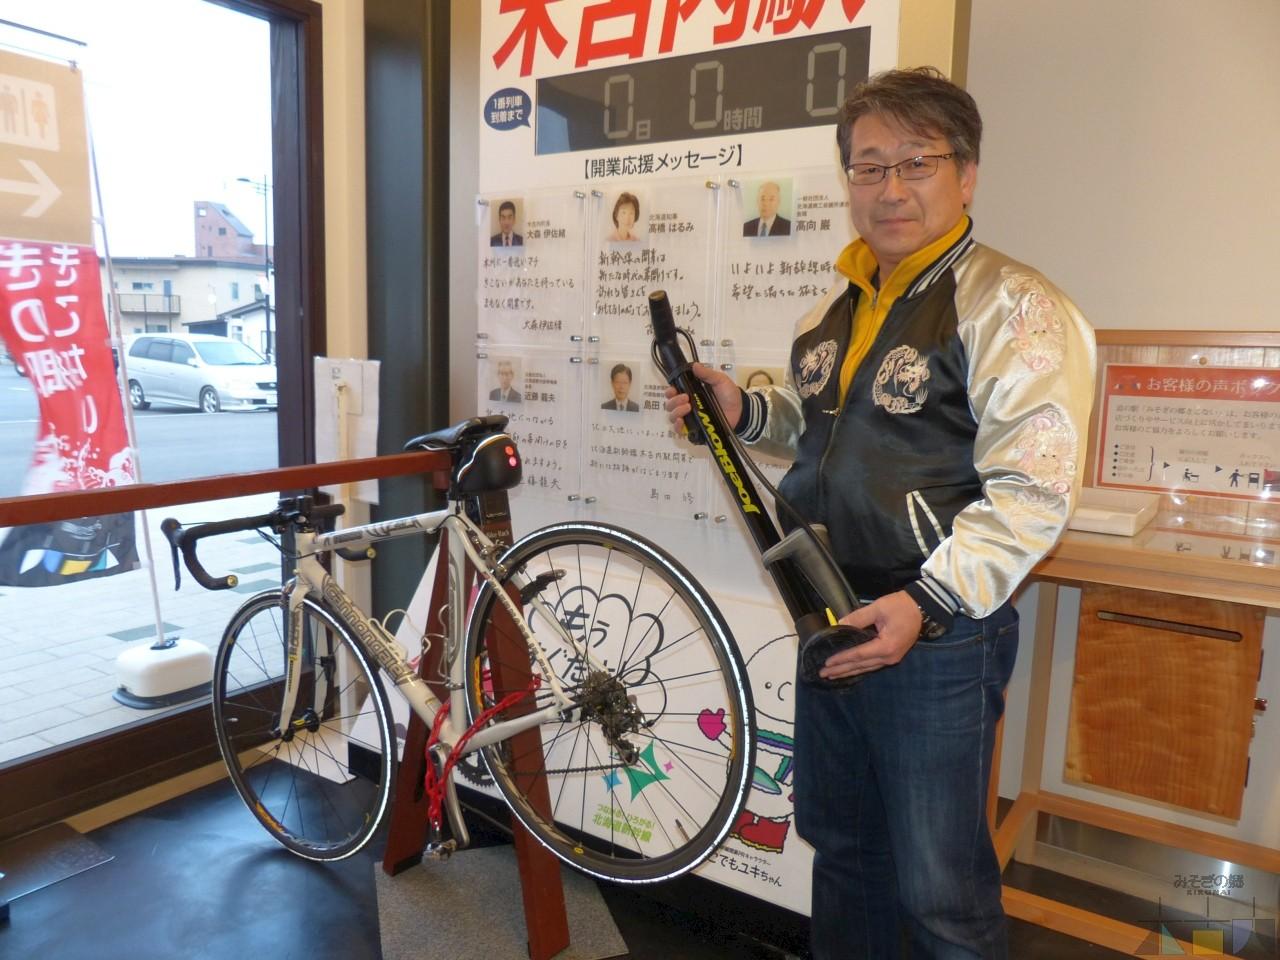 スポーツ自転車用ポンプが寄贈されました!